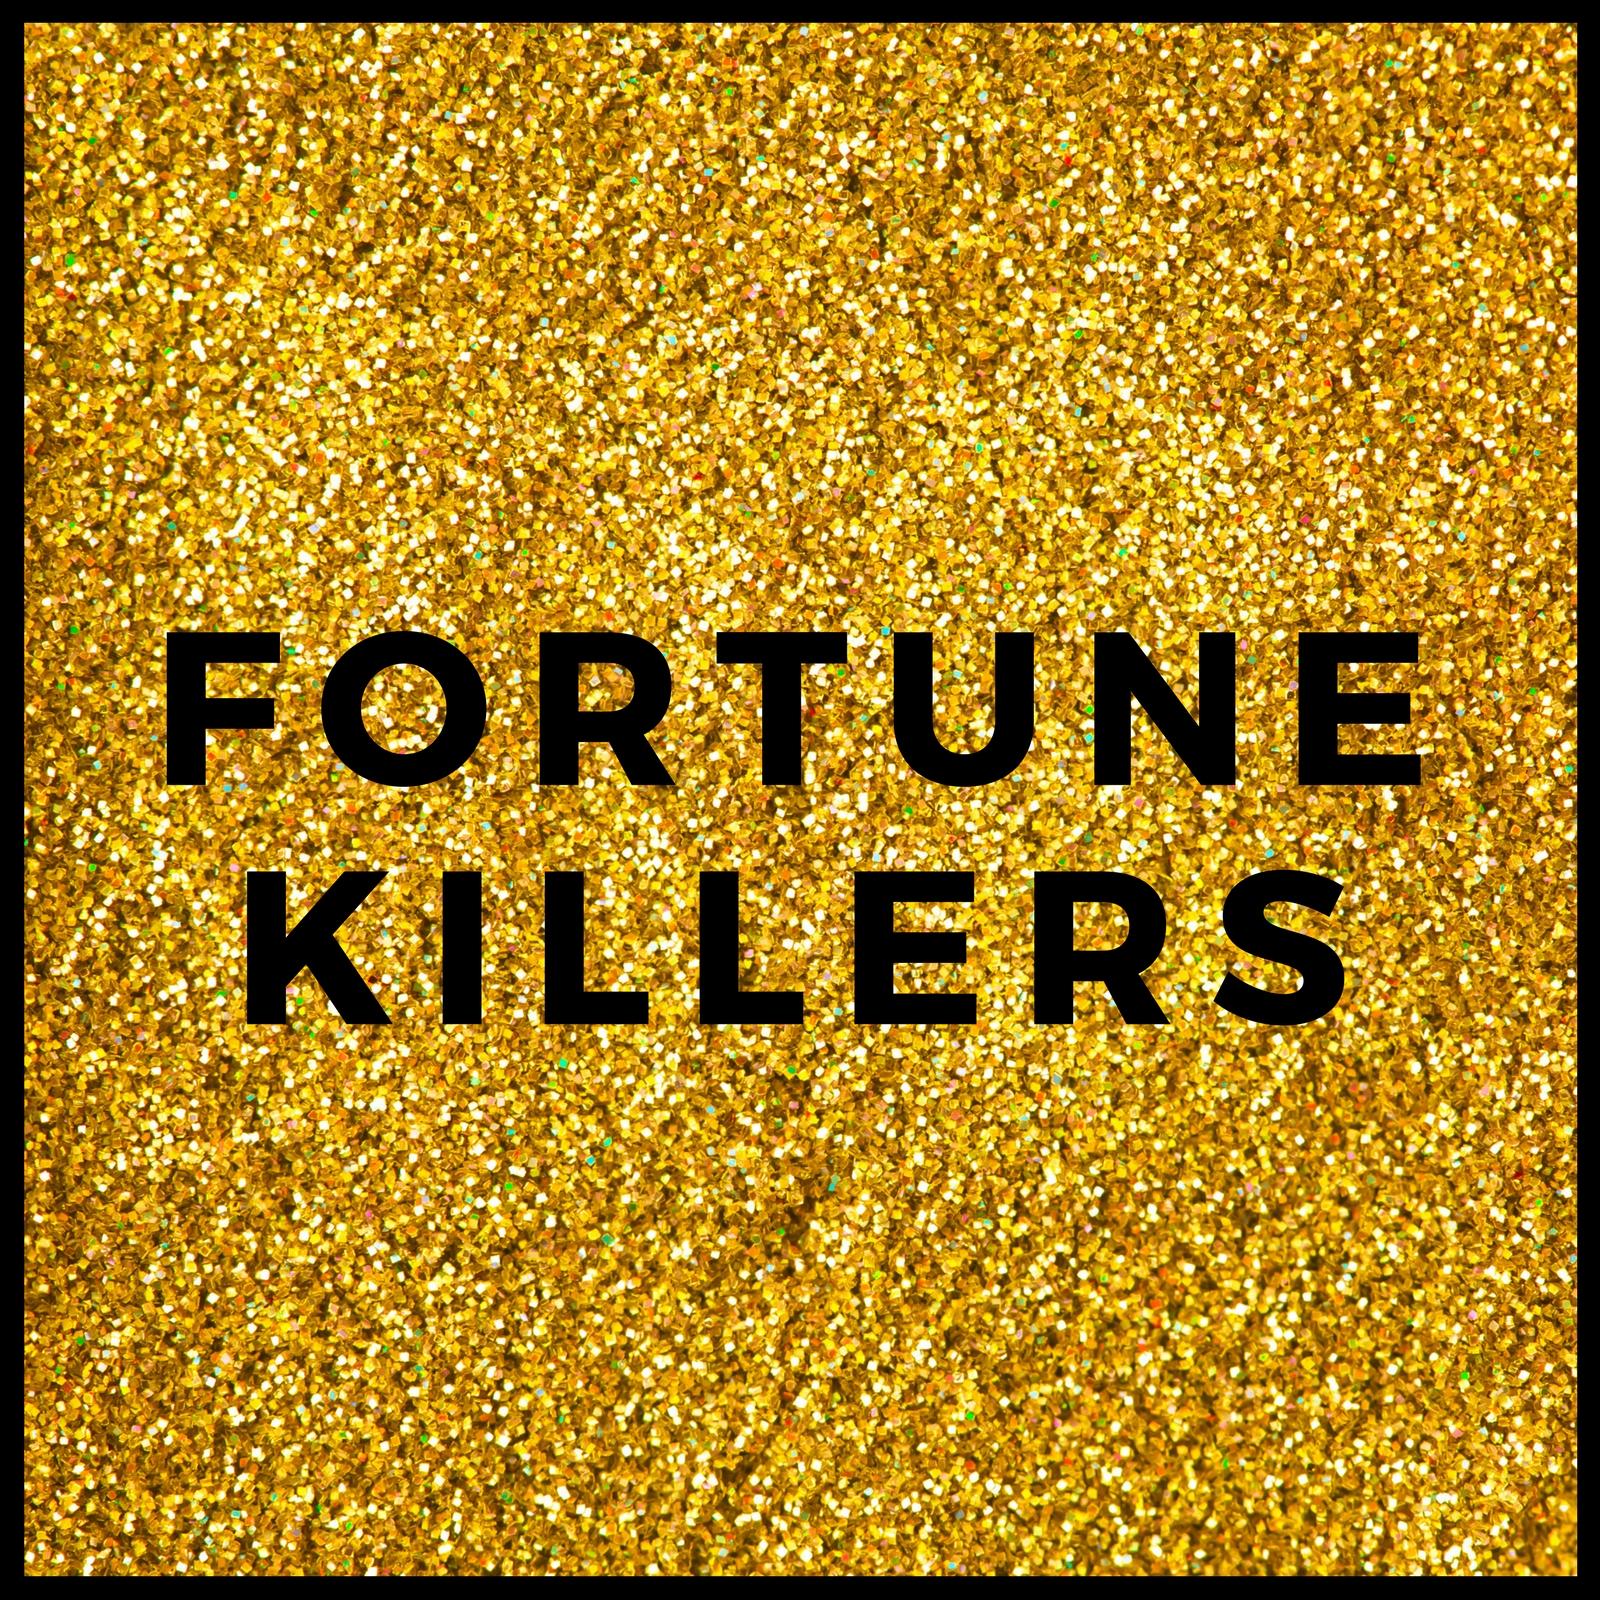 FORTUNE KILLERS glitter.jpg